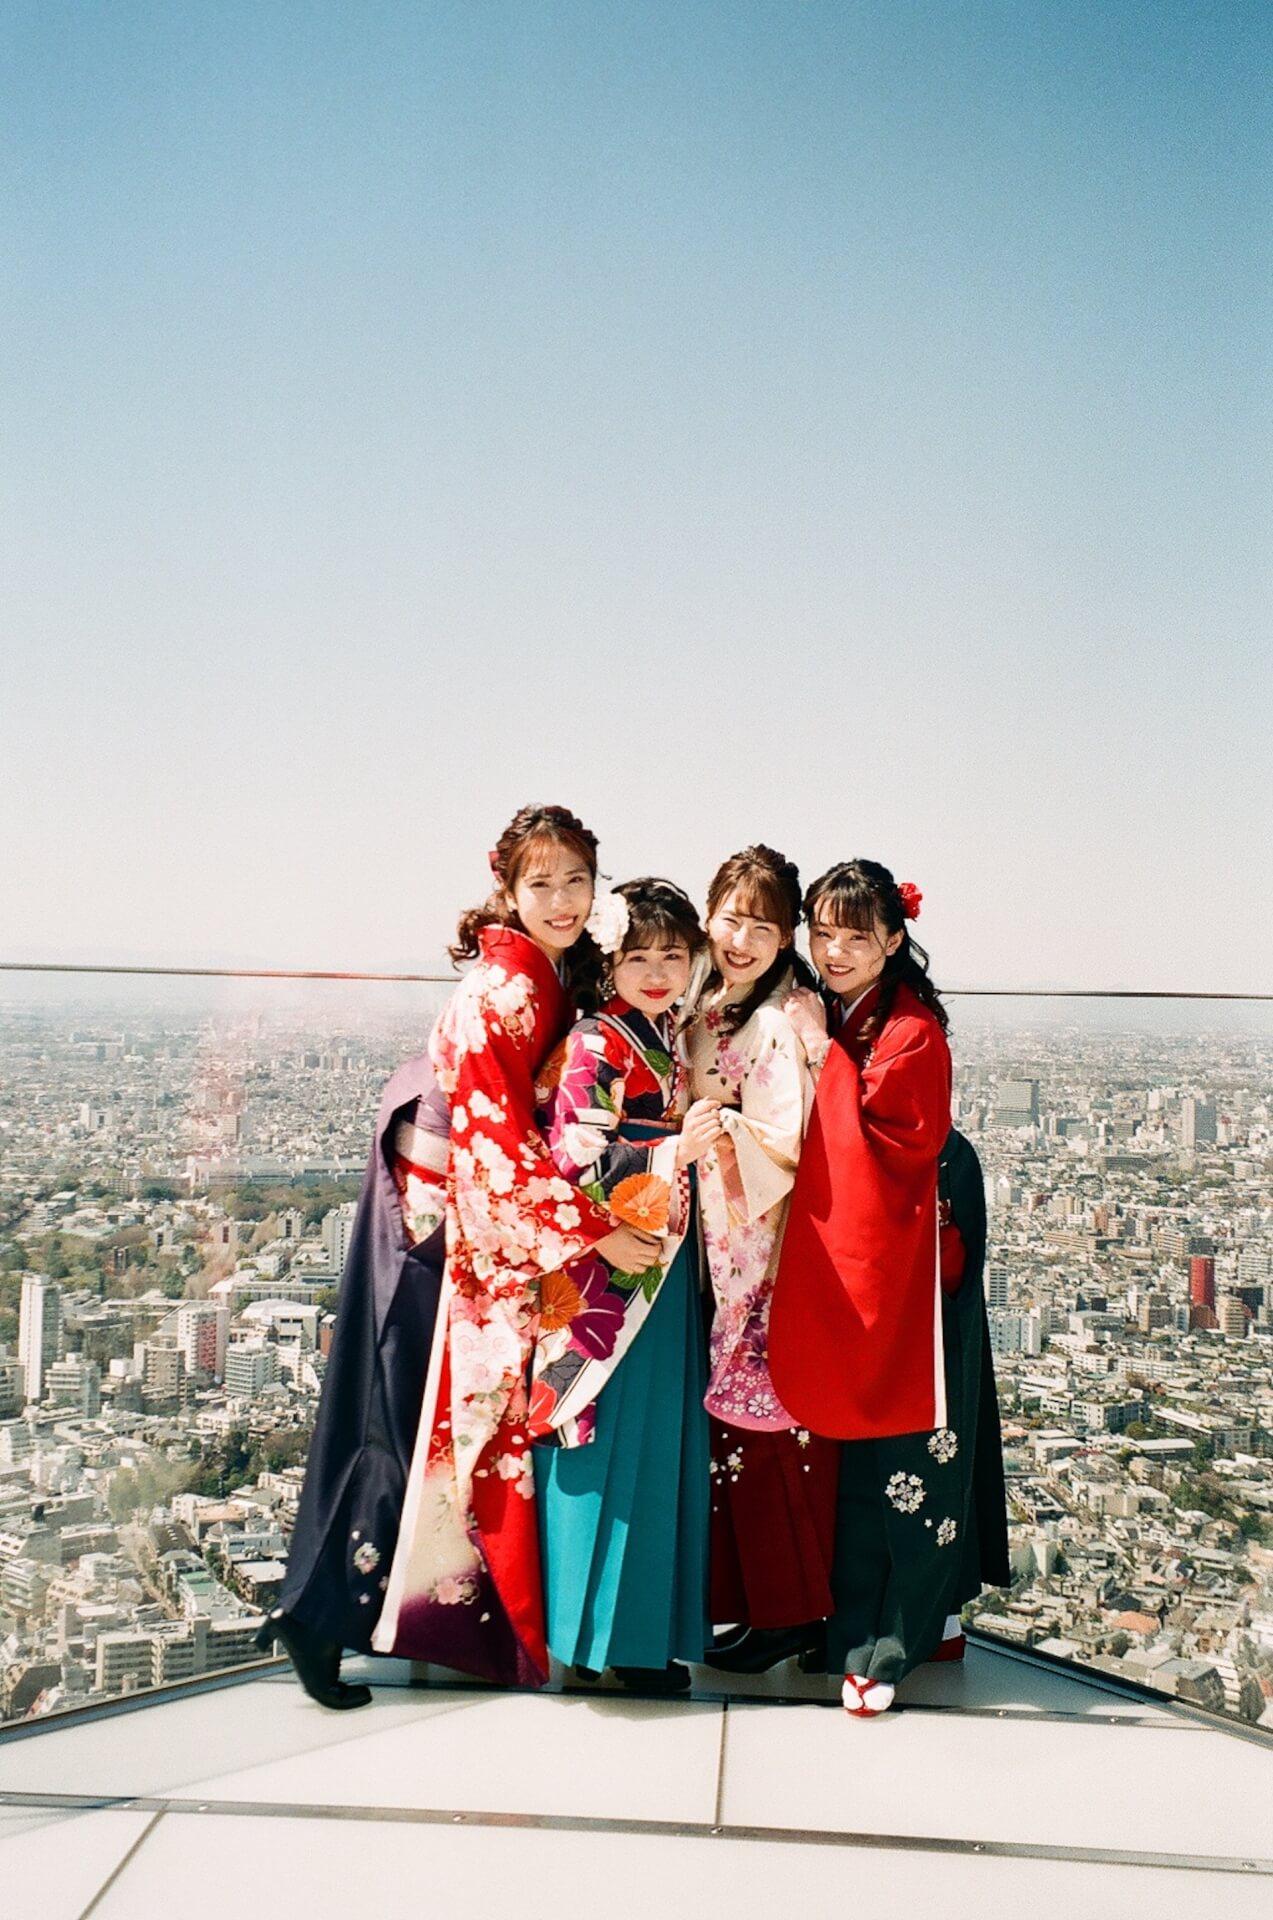 はなむけしゃしん - ぶるじょあ会「渋谷は日本のTOKYO」 art200415_hanamukeshashin5_19